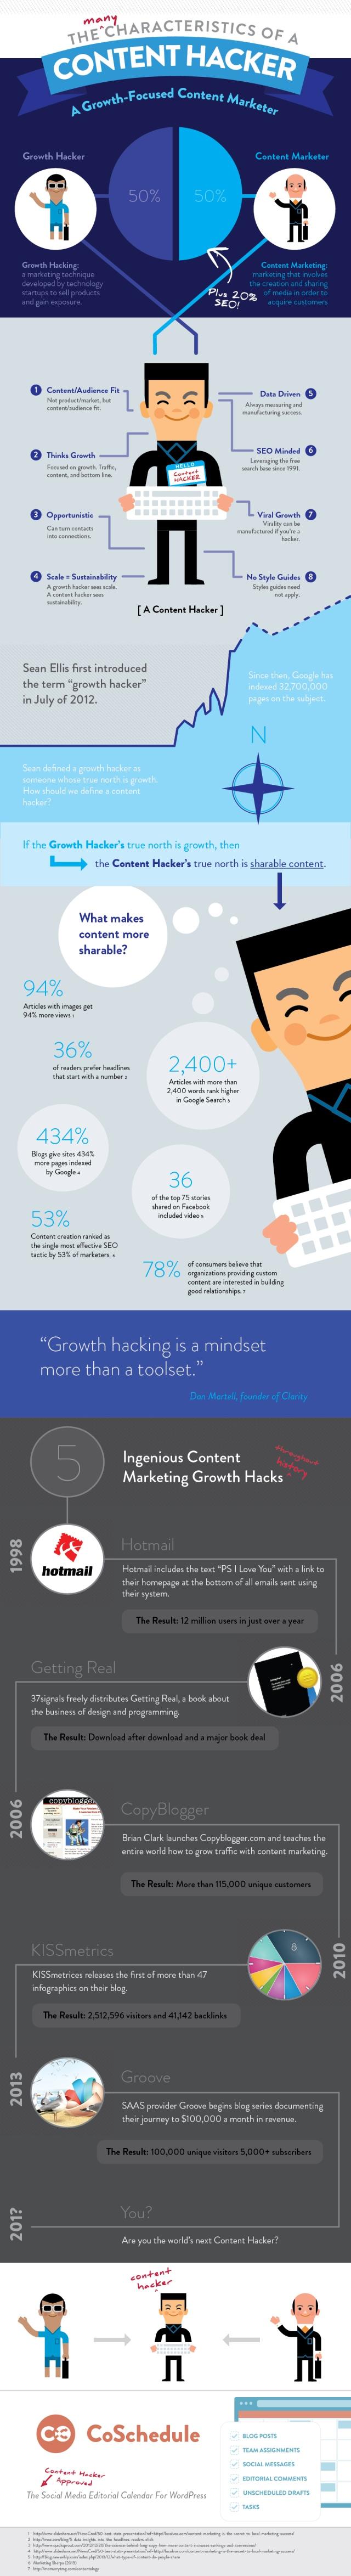 Las características de un Content Hacker